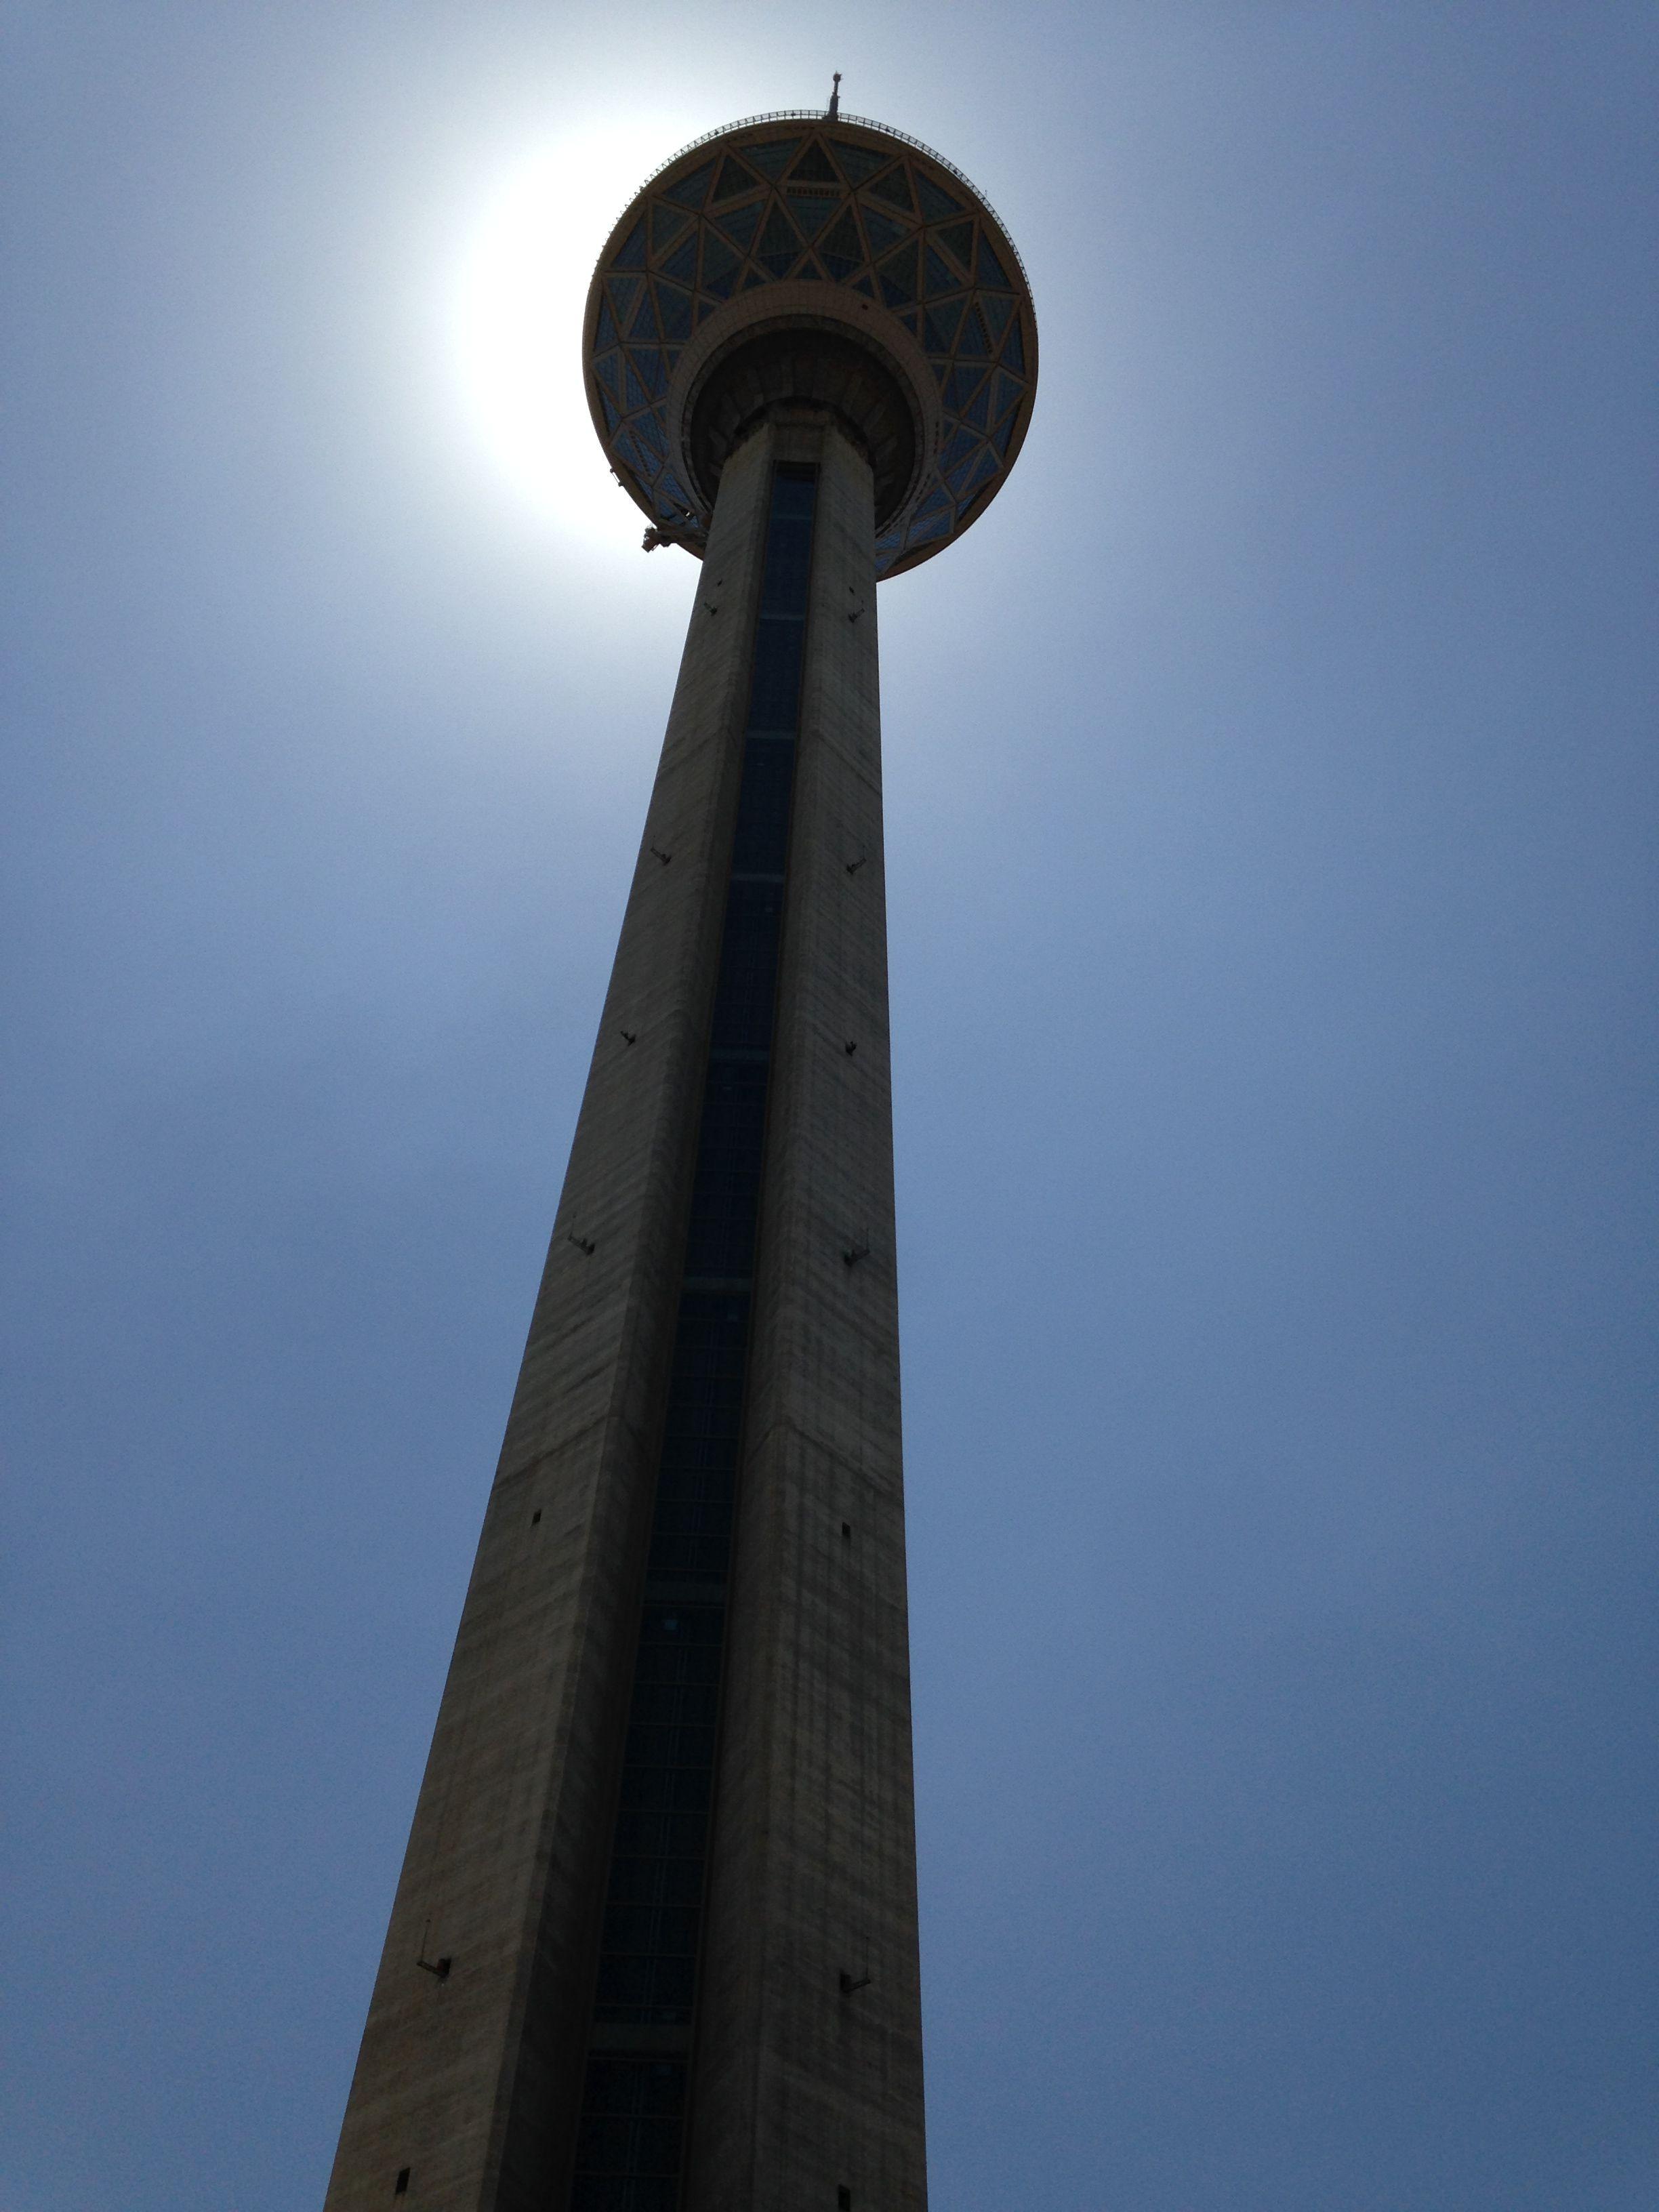 """Buchmesse Teheran 2014: Borj-e Milad (persisch برج میلاد, deutsch: """"Turm der Geburt"""") ist ein Fernsehturm in der iranischen Hauptstadt Teheran und mit 435 Metern der höchste Turm des Landes und der sechsthöchste Fernsehturm der Welt."""